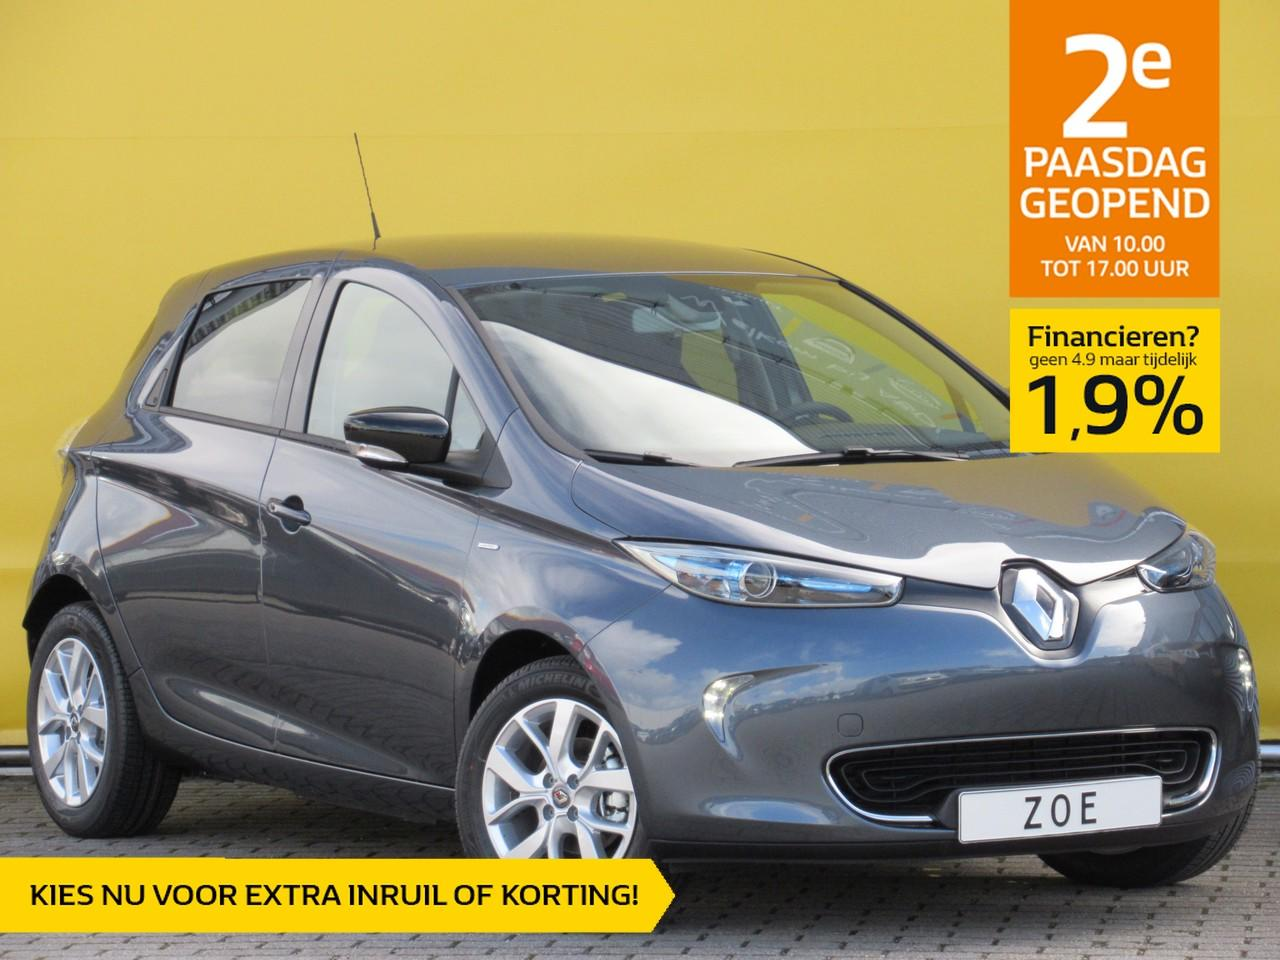 Renault Zoe R110 limited 41 kwh batterijhuur nu rijklaar uit voorraad voor € 28.000,-